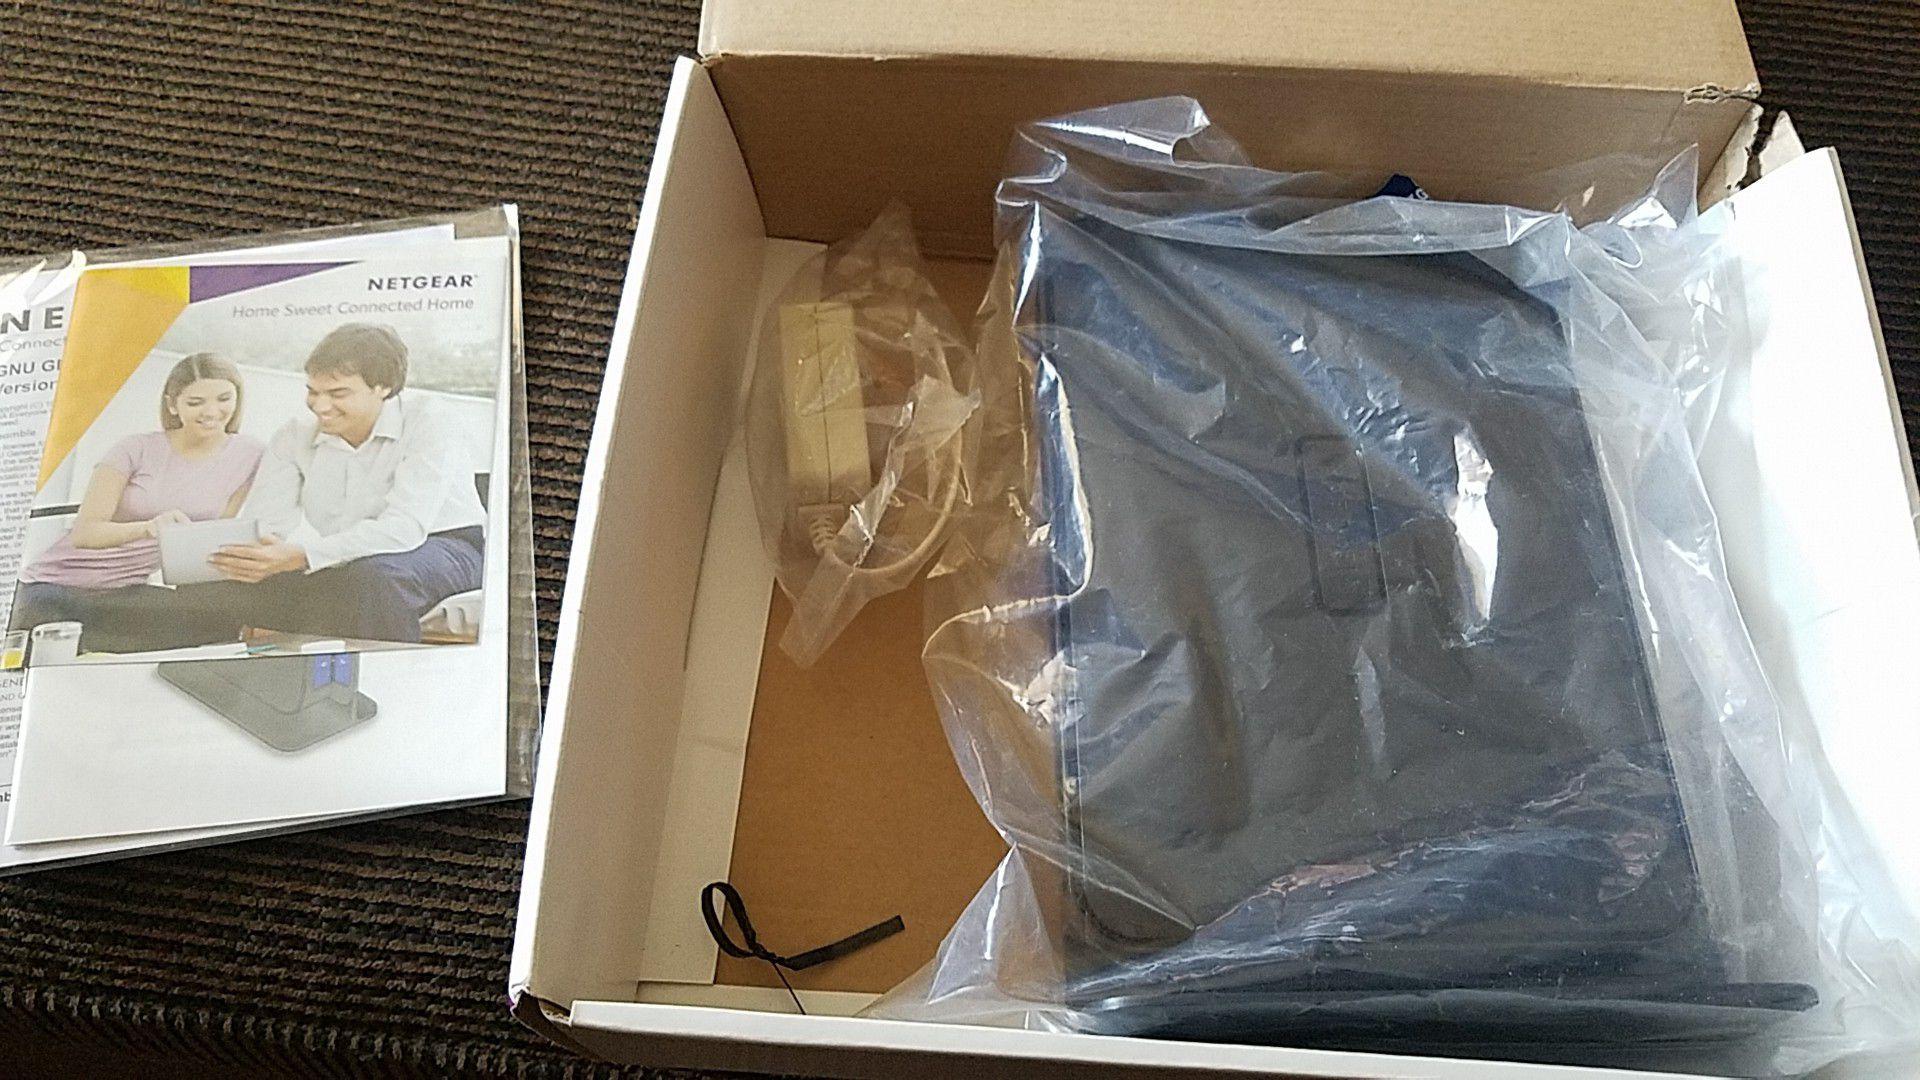 Netgear N600 Wireless Dual Band Modem Router